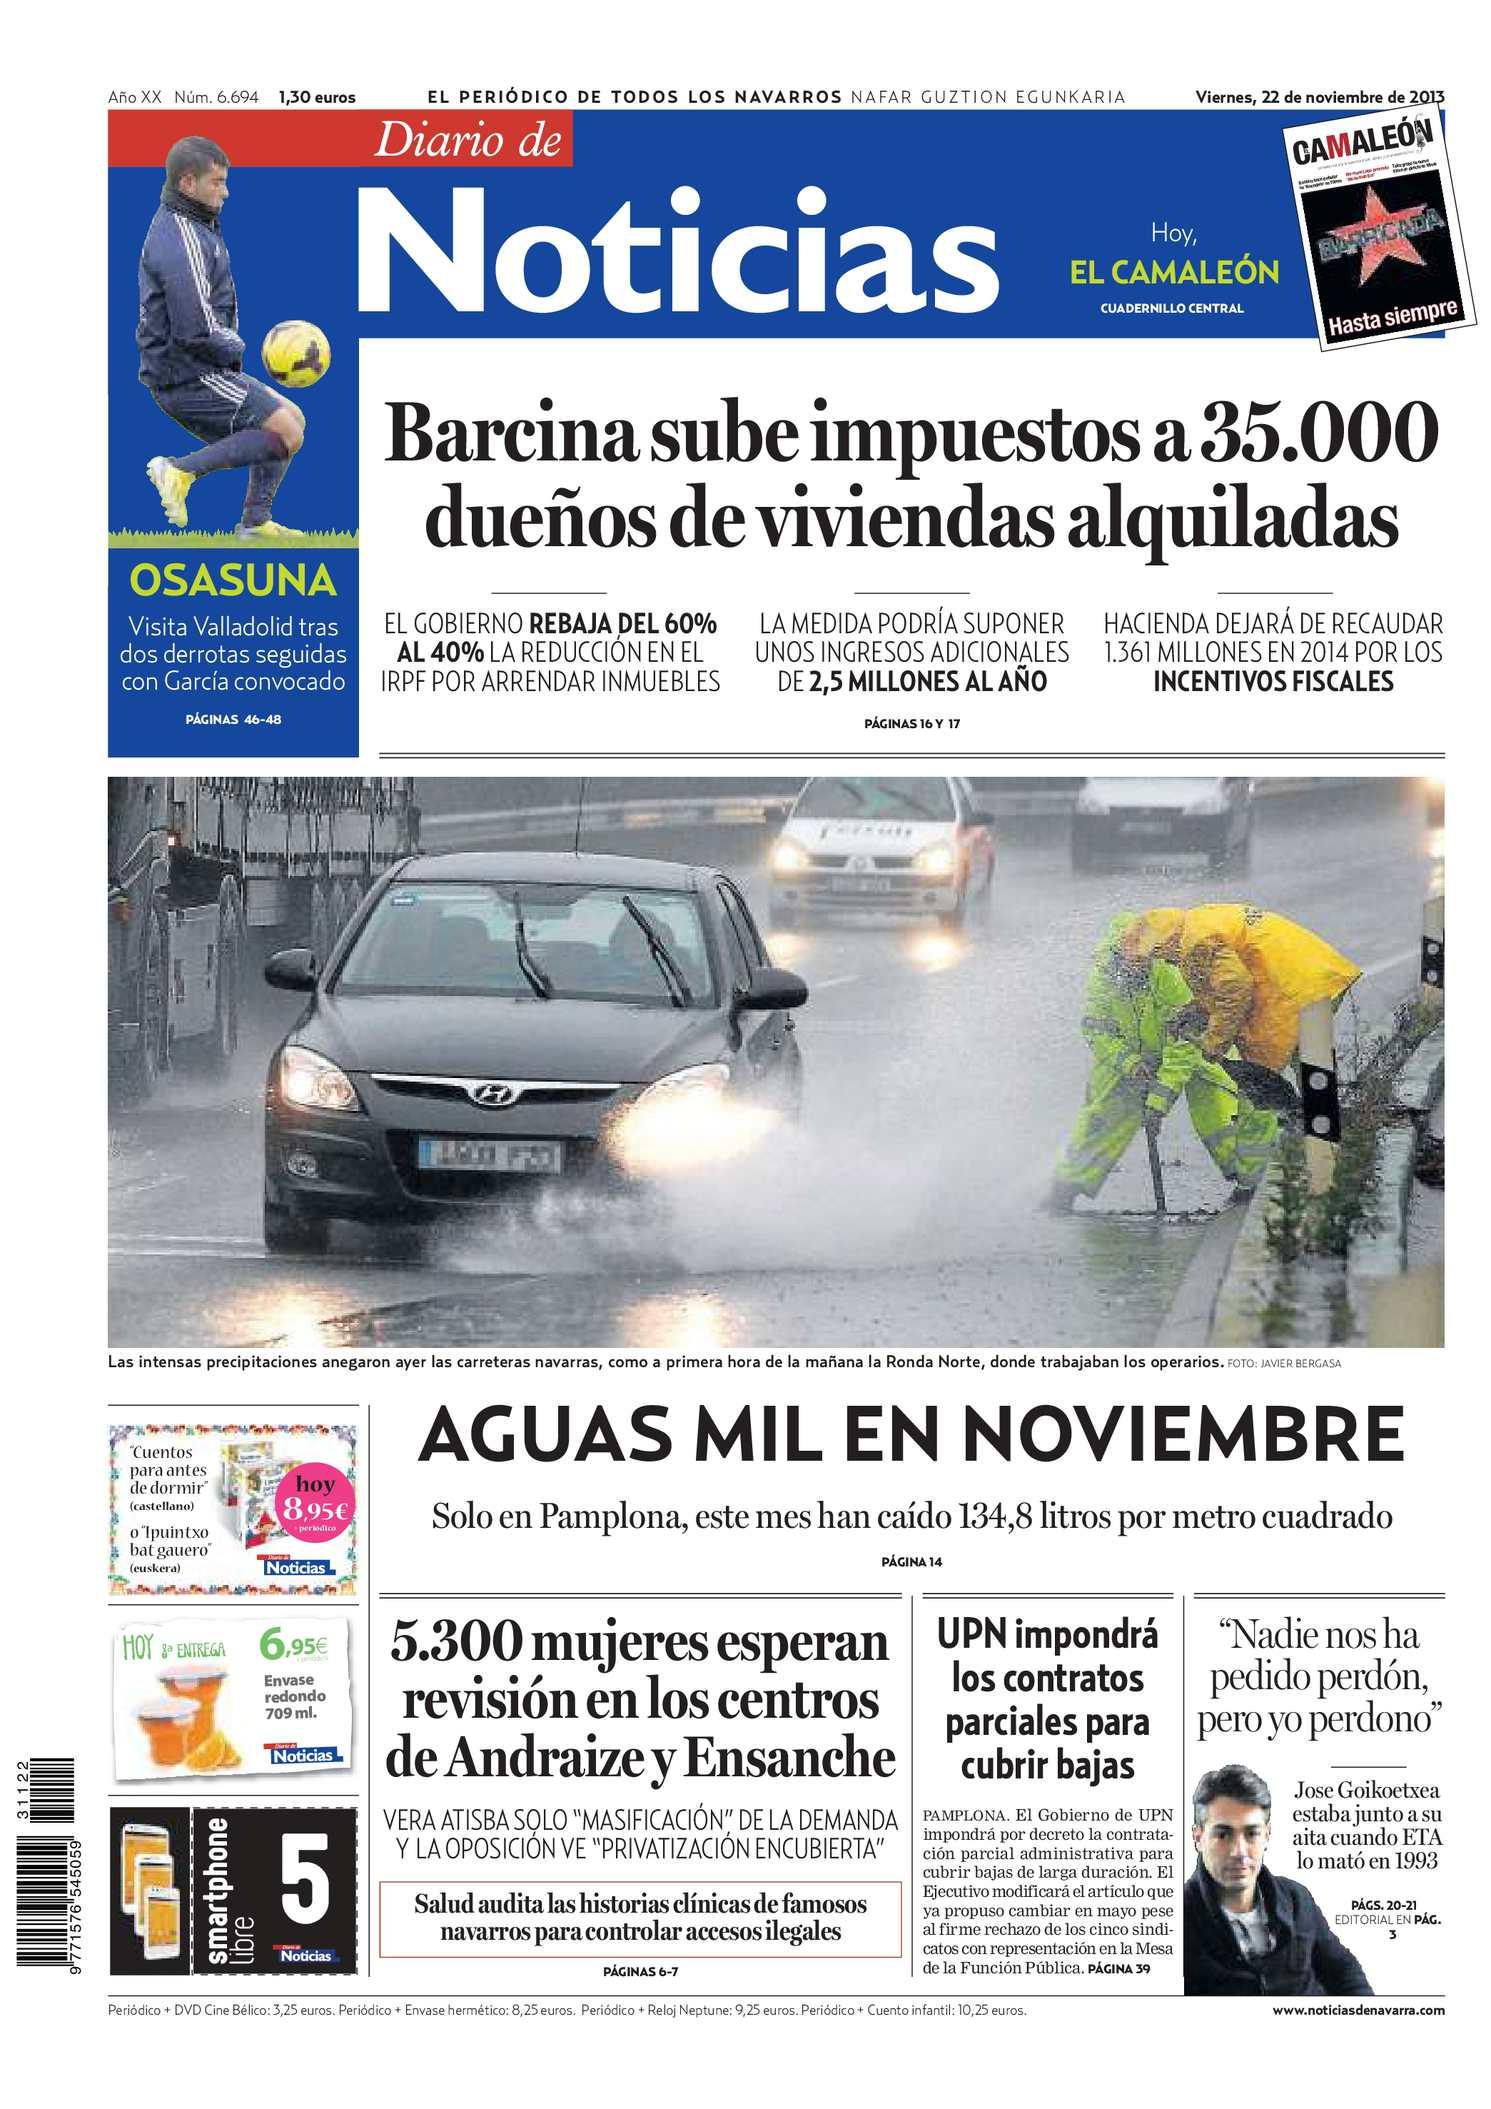 ef5861269e6fb Calaméo - Diario de Noticias 20131122